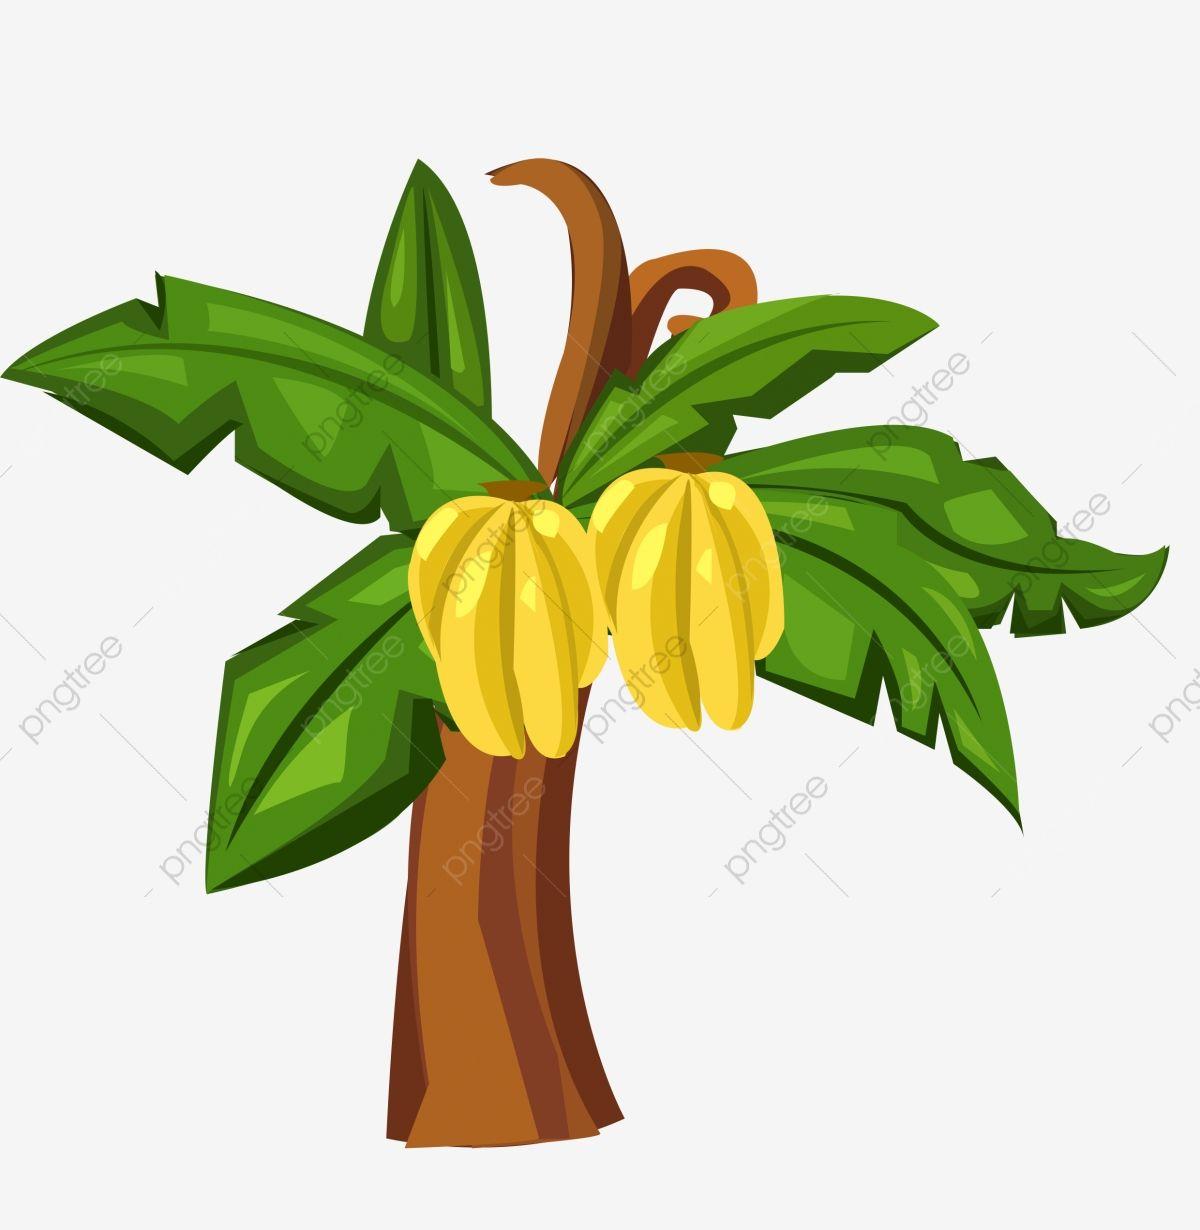 Banana Tree Cartoon Banana Tree Hand Drawn Banana Tree Cartoon Hand Drawn Banana Tree Tree Clipart Png Tree Illustration Png Transparent Clipart Image And Ps Hinh Nền